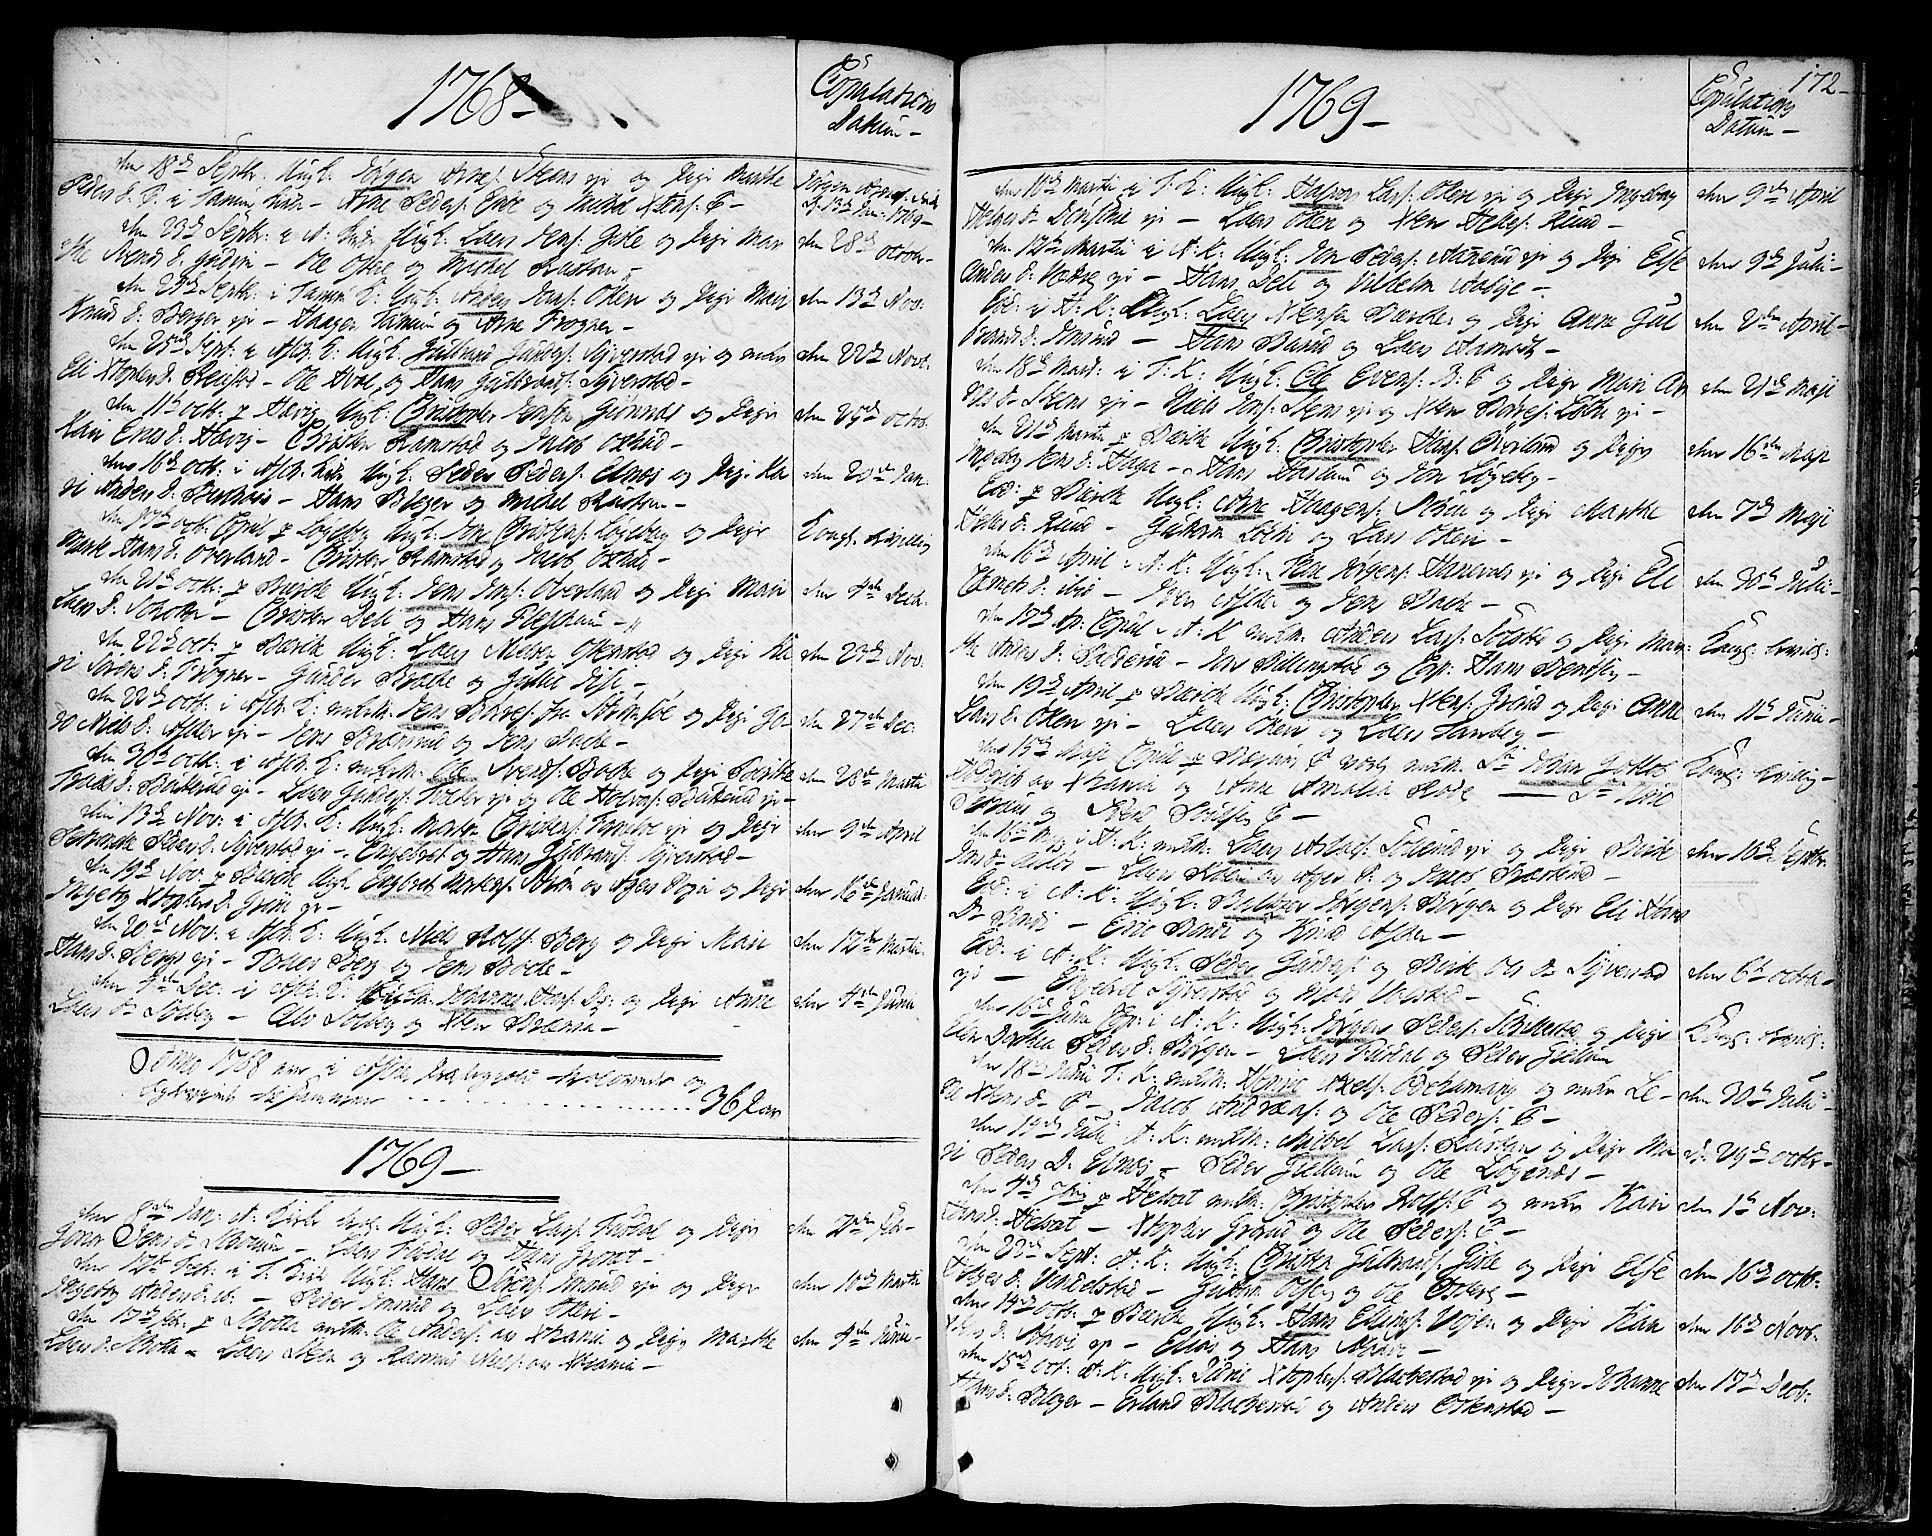 SAO, Asker prestekontor Kirkebøker, F/Fa/L0003: Ministerialbok nr. I 3, 1767-1807, s. 172